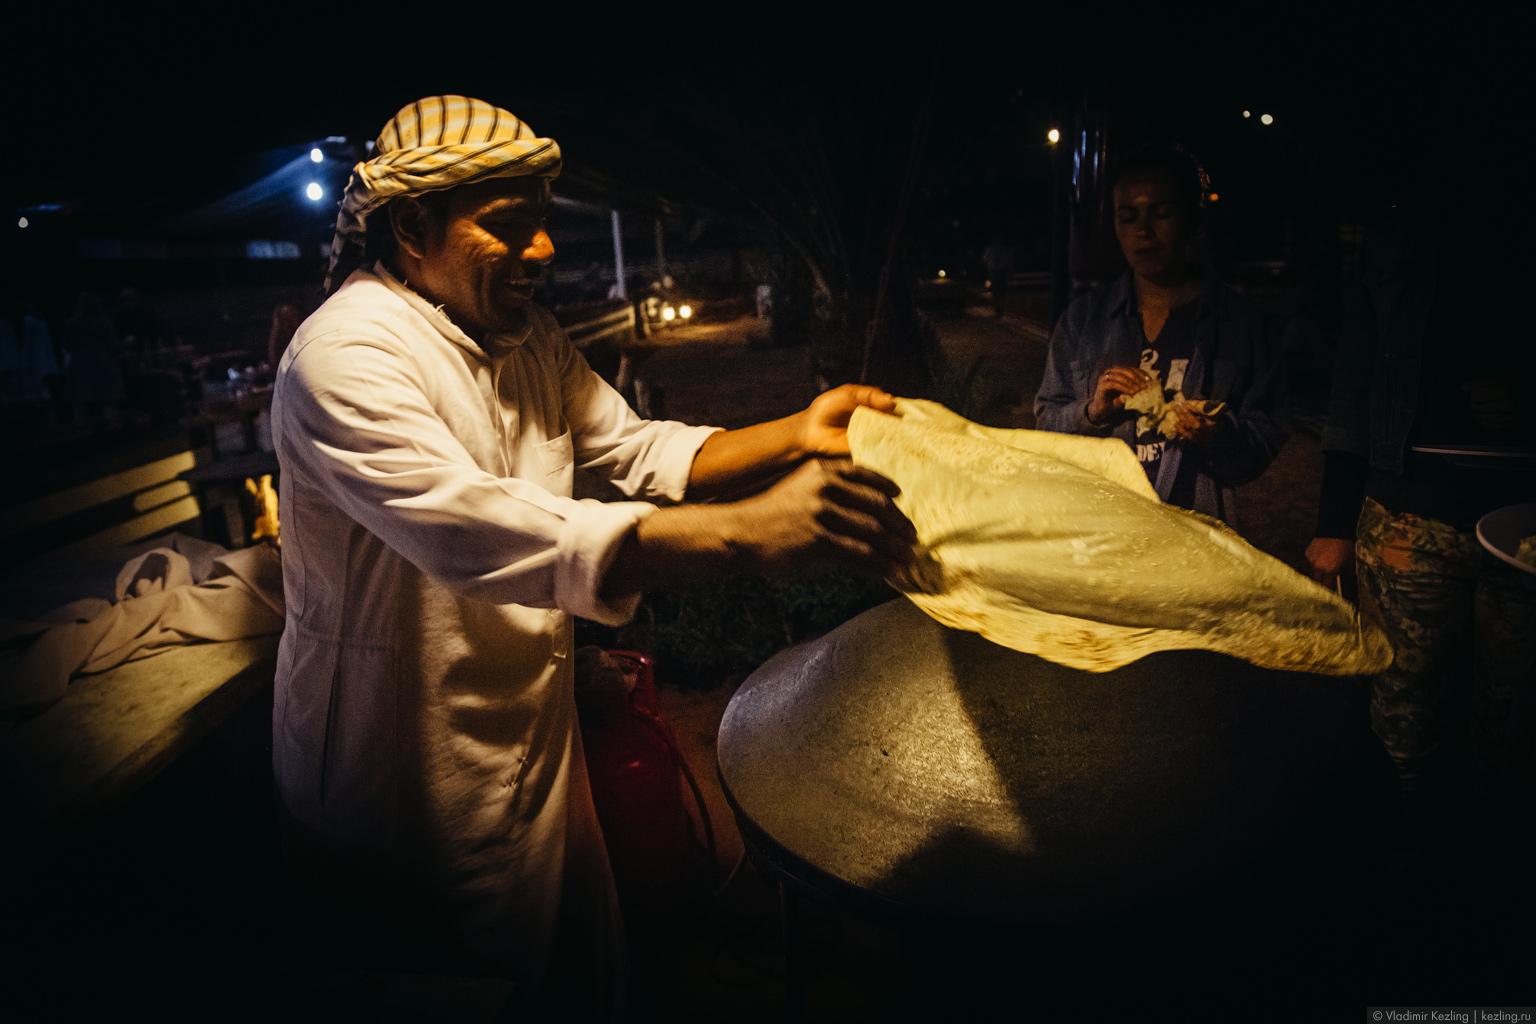 Вечер в лагере бедуинов